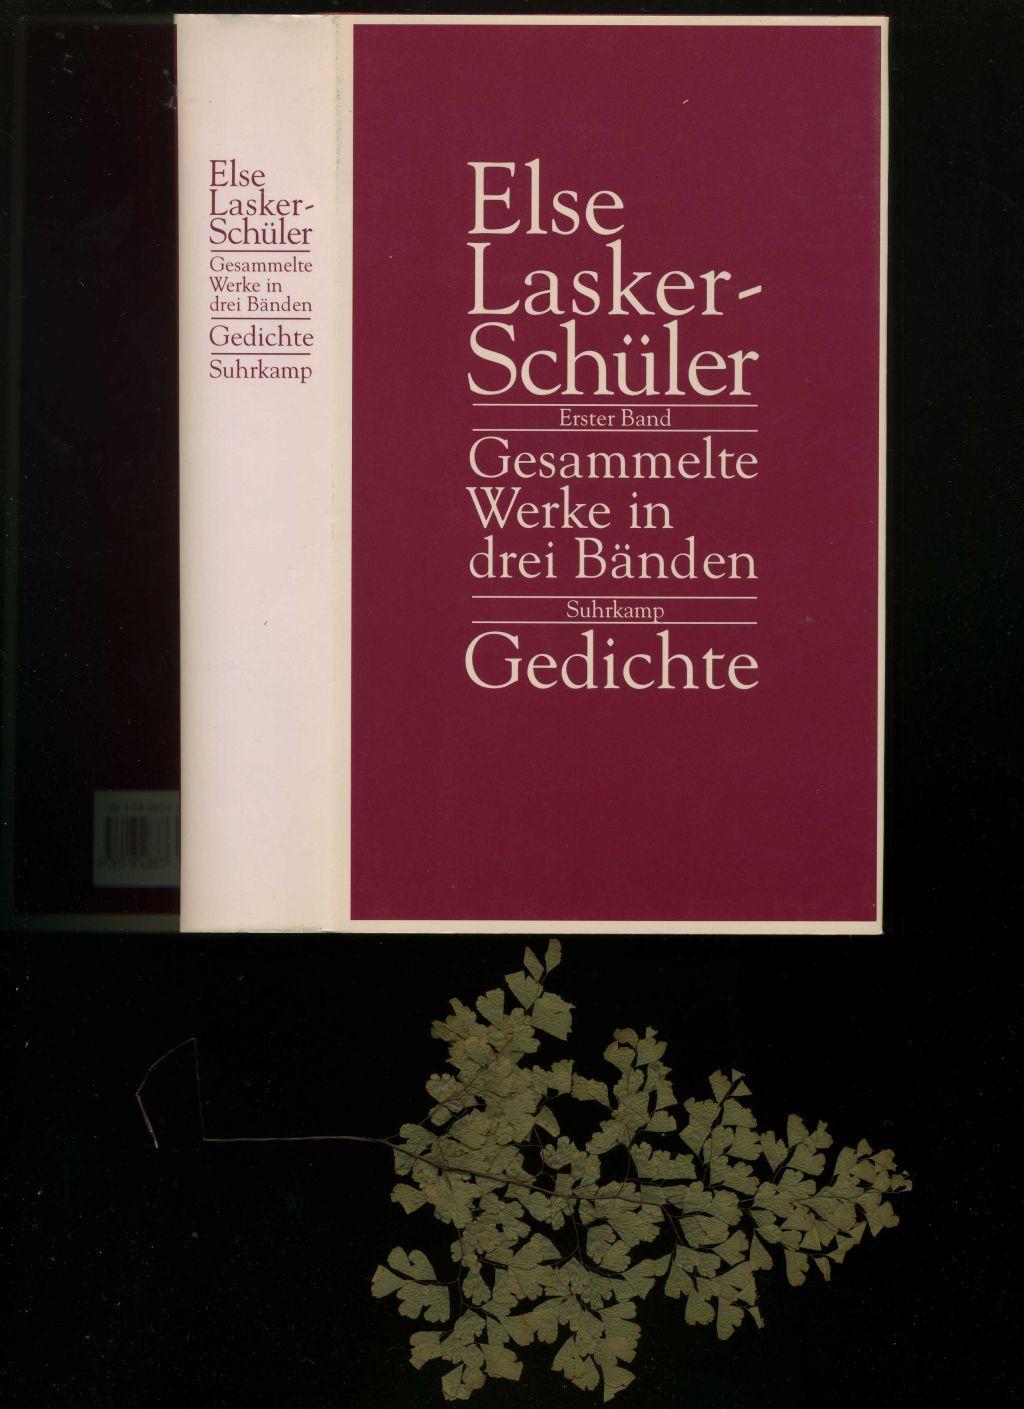 Gesammelte Werke in drei Bänden. Erster Band. Gedichte 1902-1943